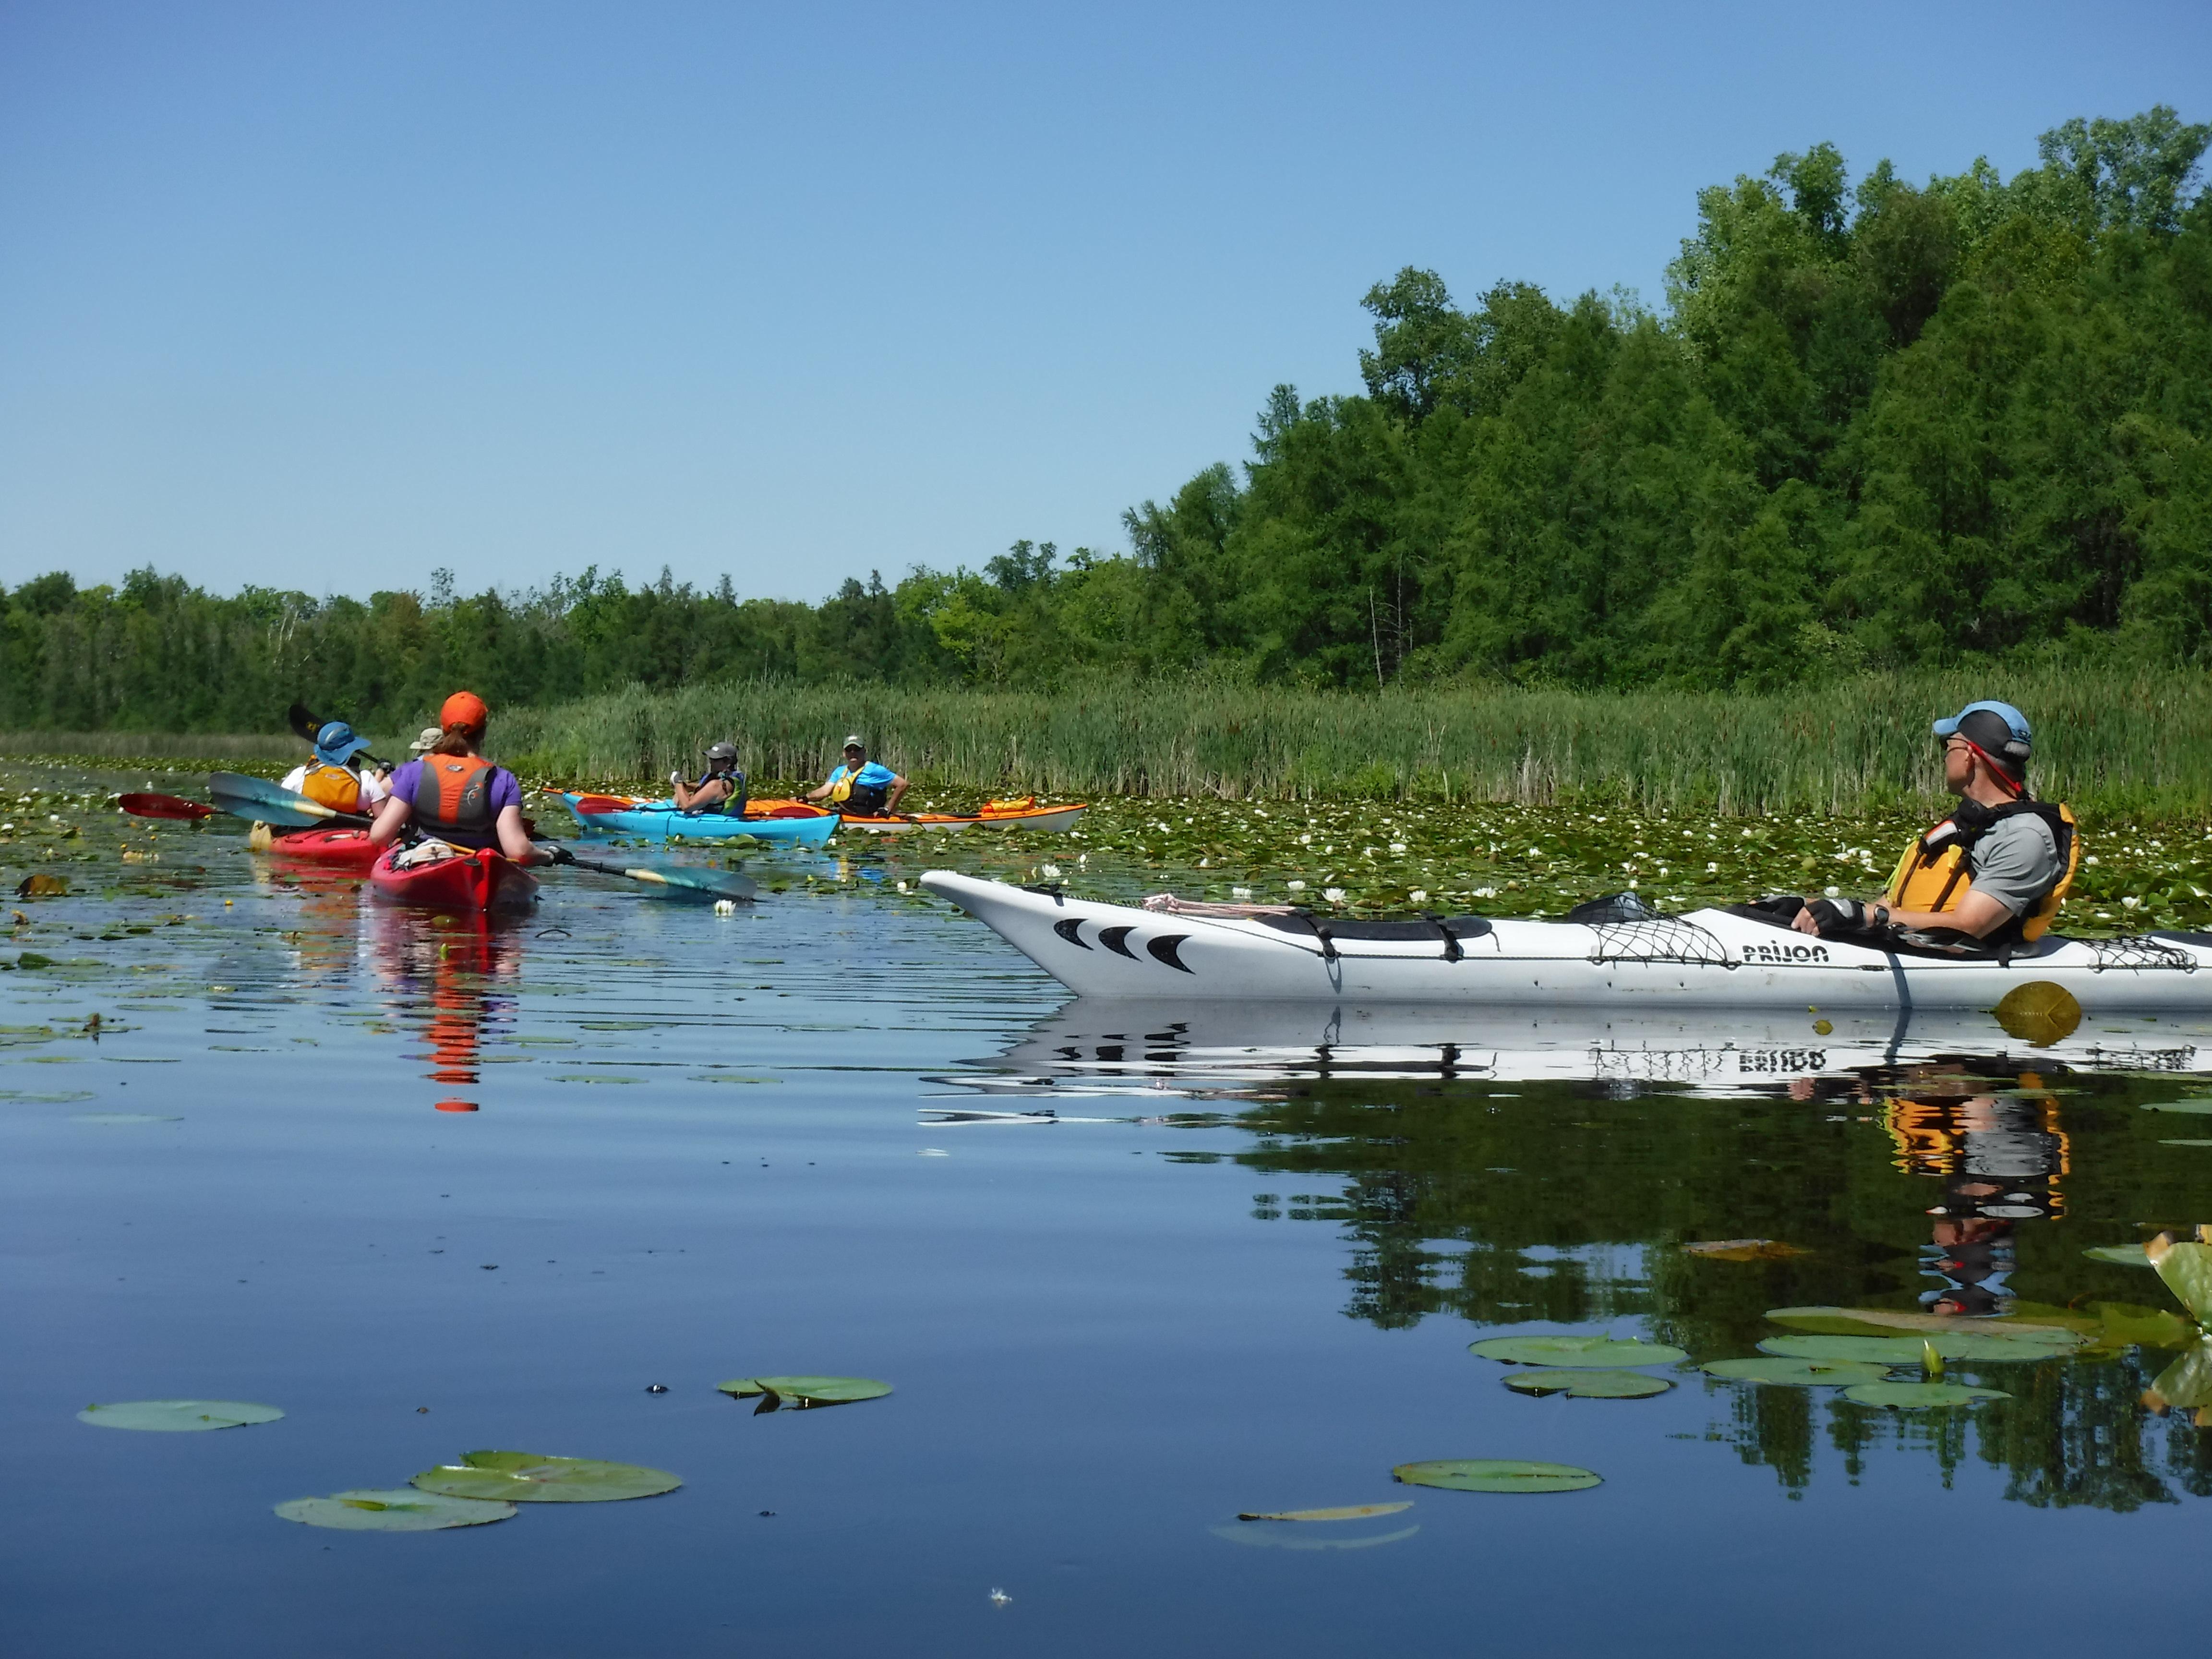 Group kayak trip on Big Cedar Lake, Wi